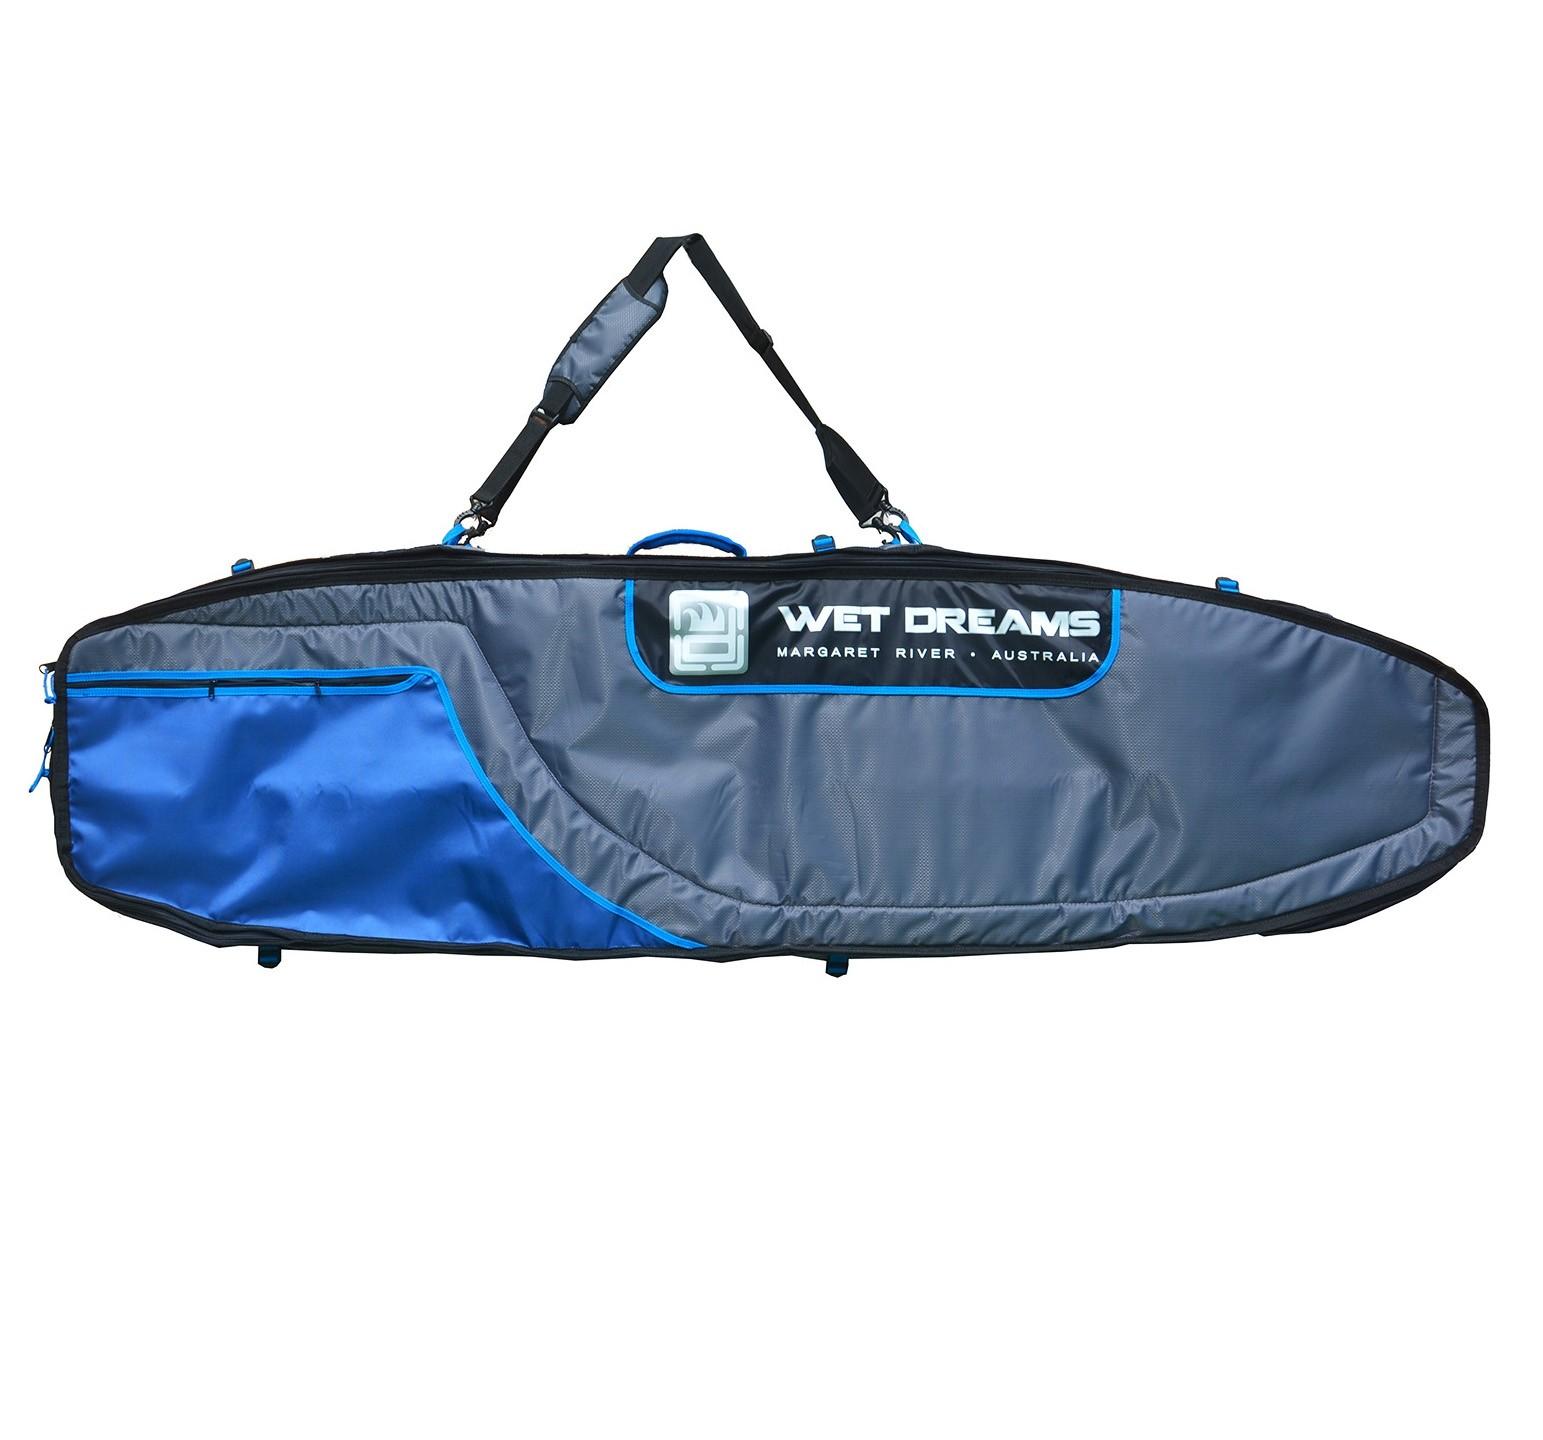 Sarcófago para 2 pranchas de Surf 6'3'' - 1,92m - Wet Dreams   Prancharia